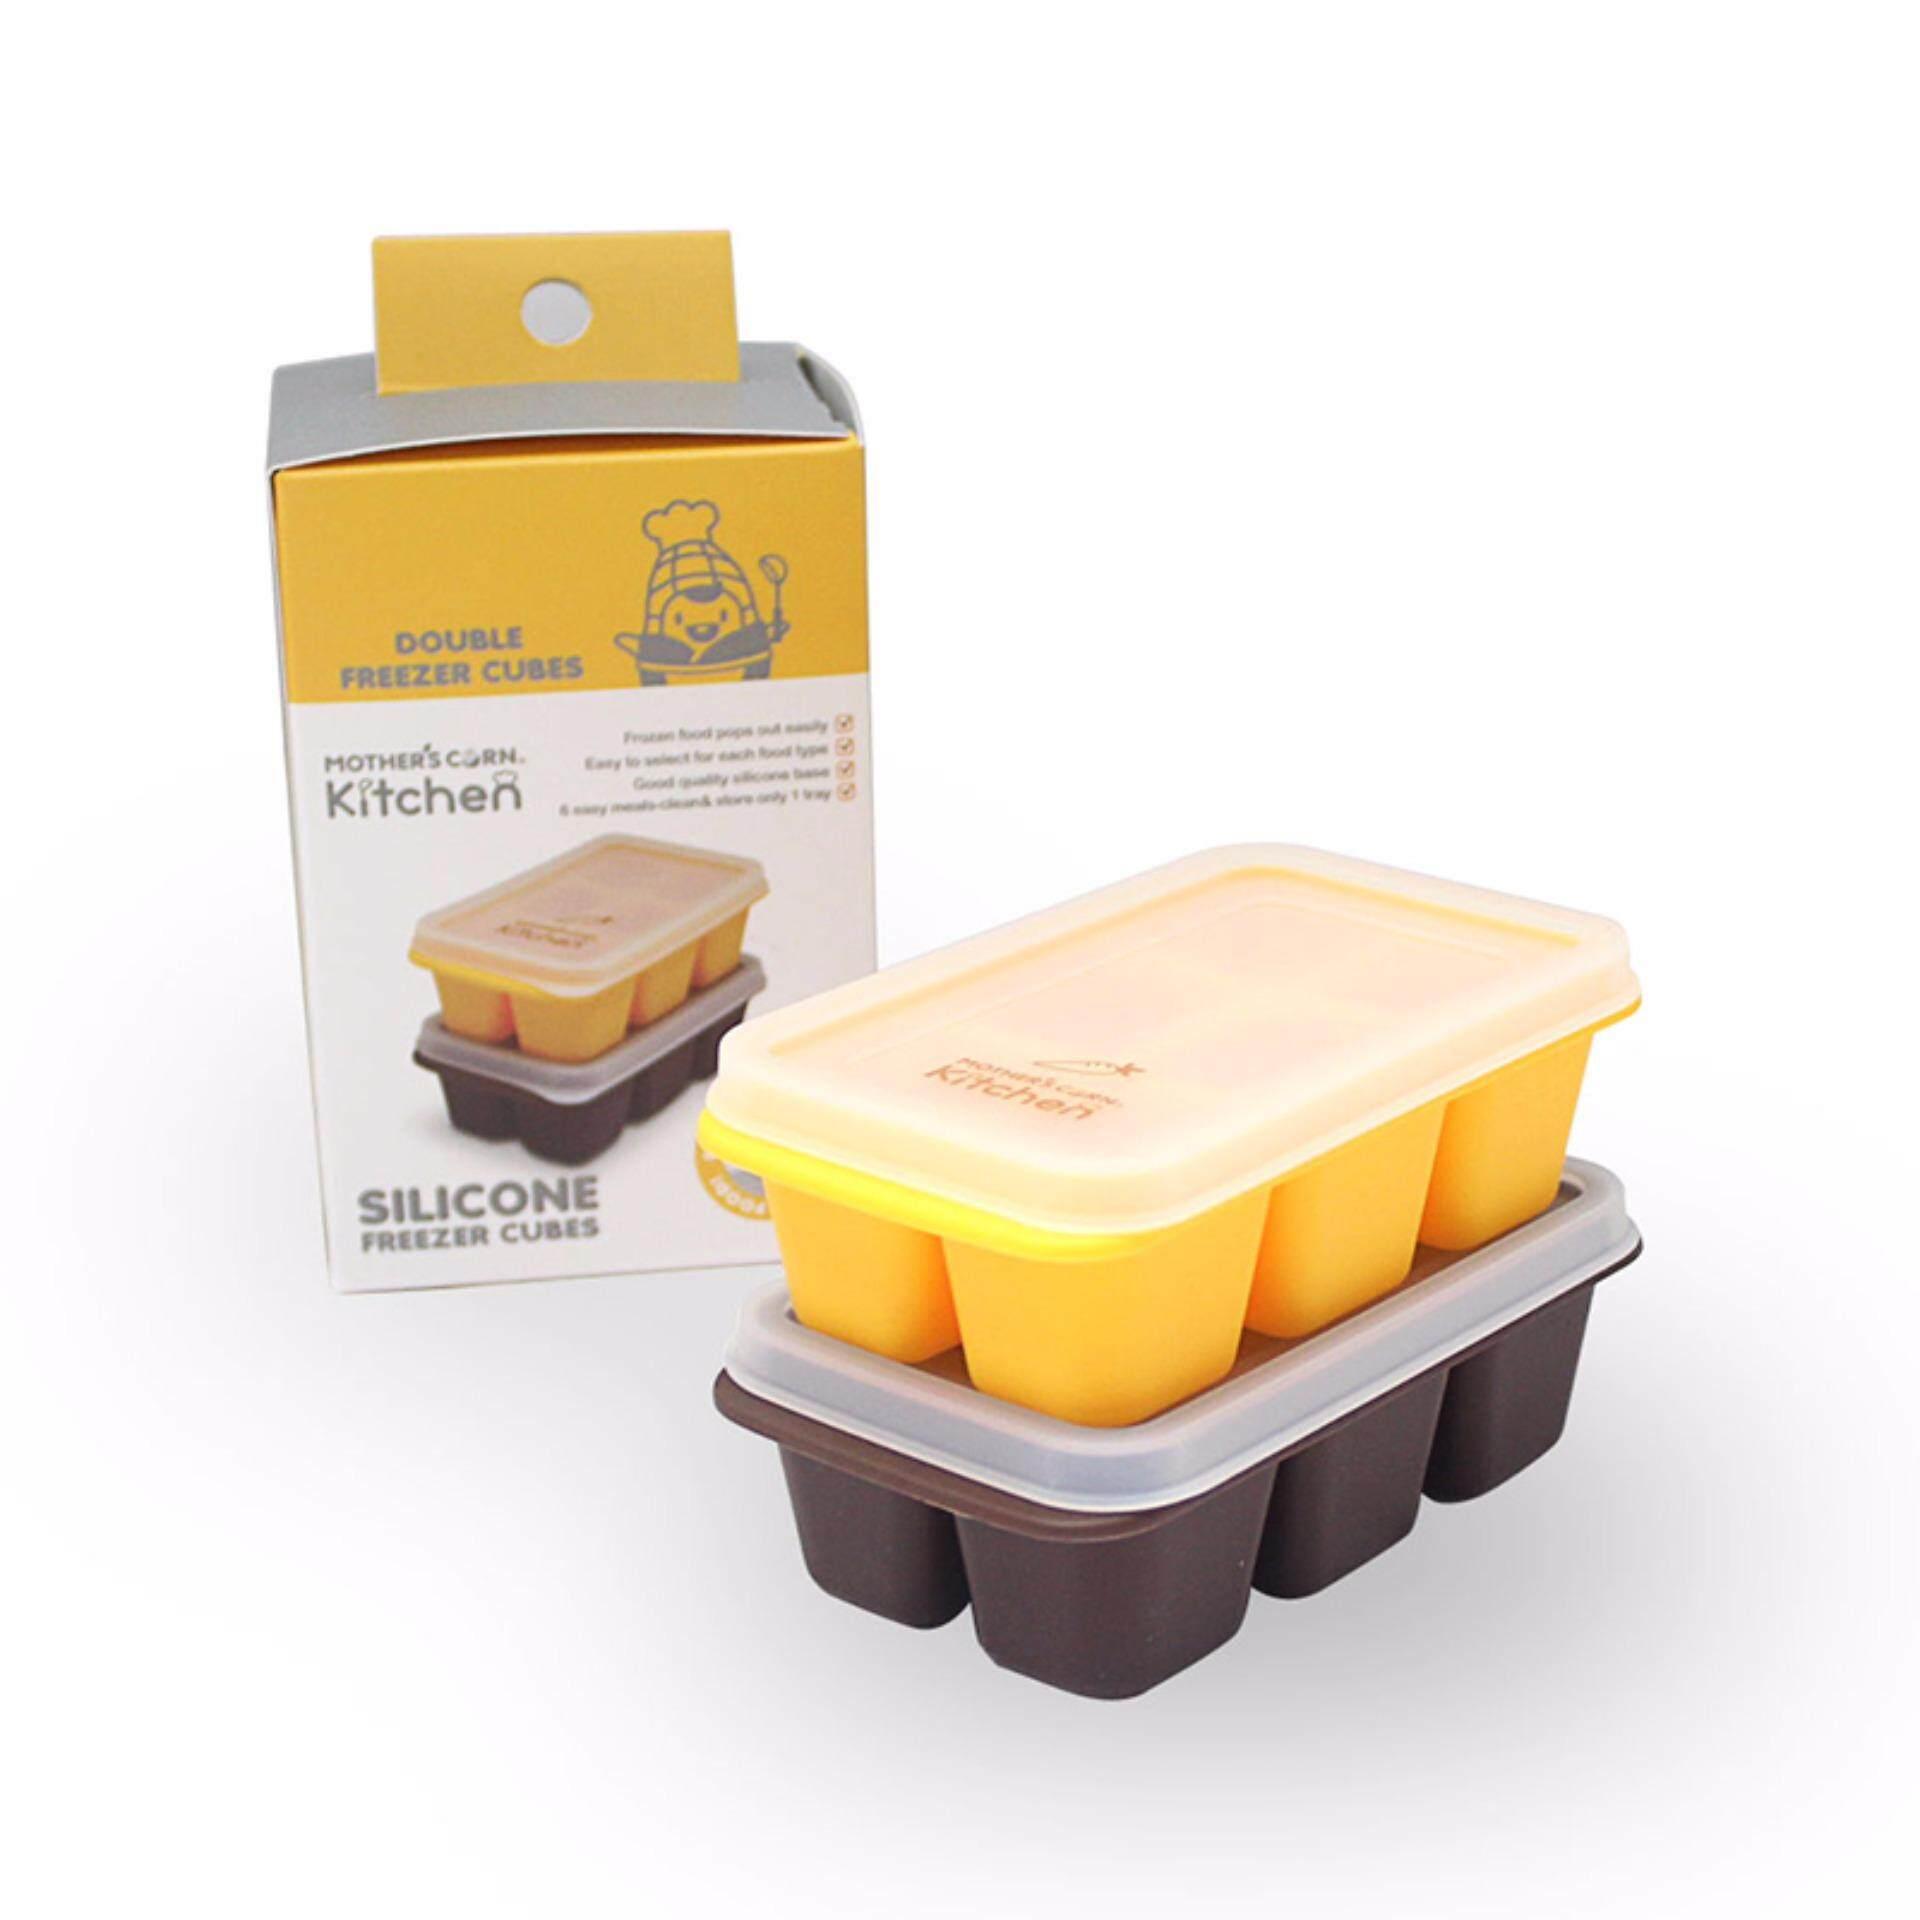 รีวิว ถาดซิลิโคนแช่แข็งอาหารเสริม Mother's Corn Kitchen Silicone Freezer Cubes